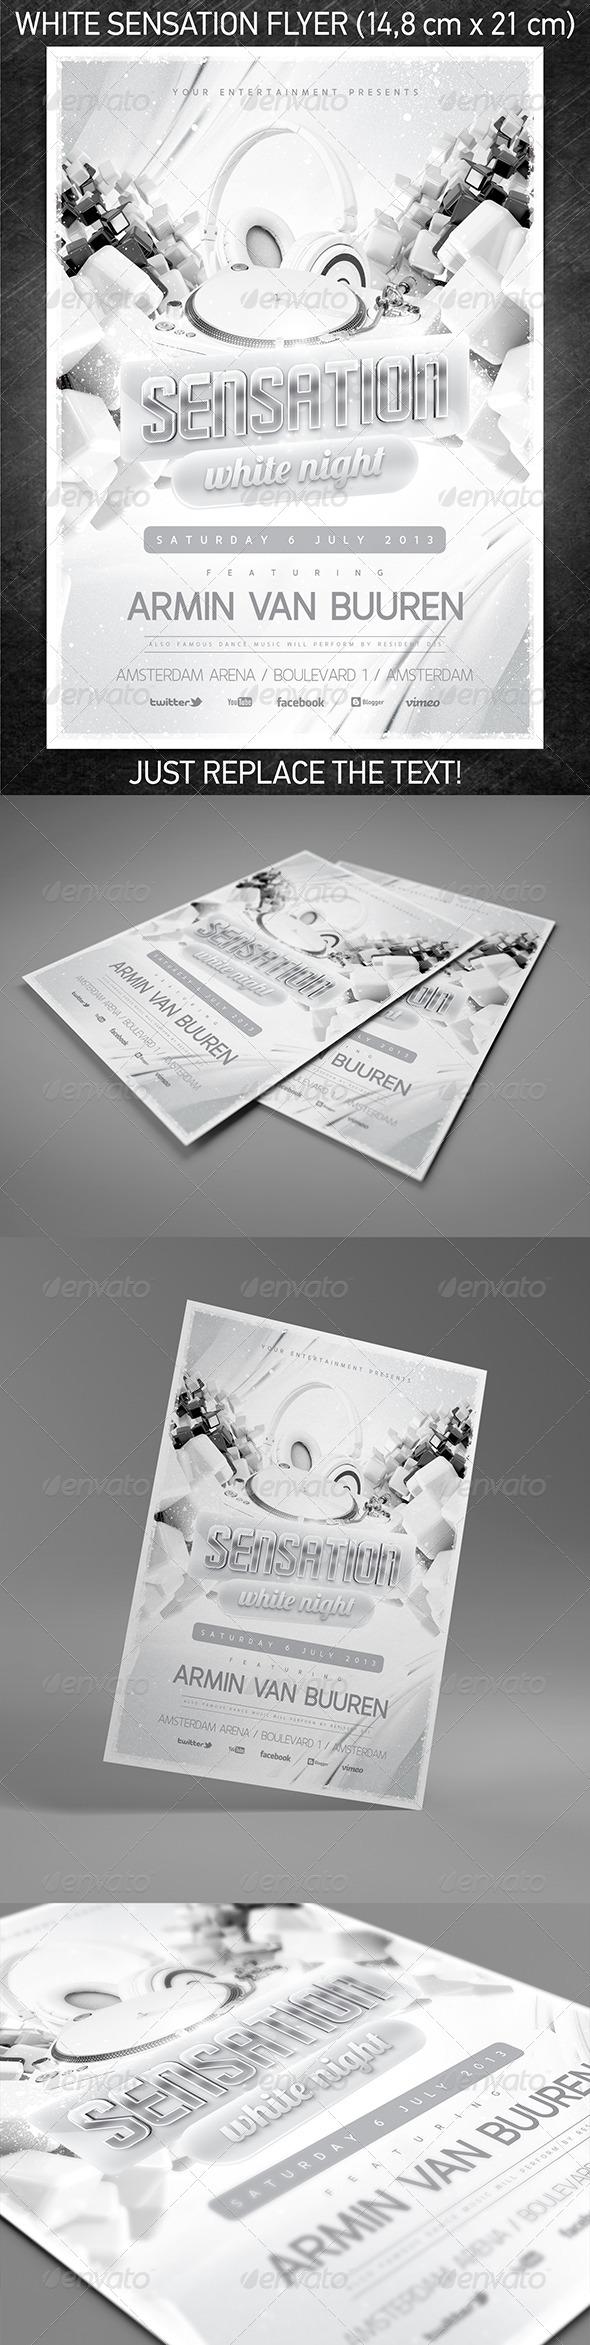 White Sensation Flyer Vol.2 - Clubs & Parties Events